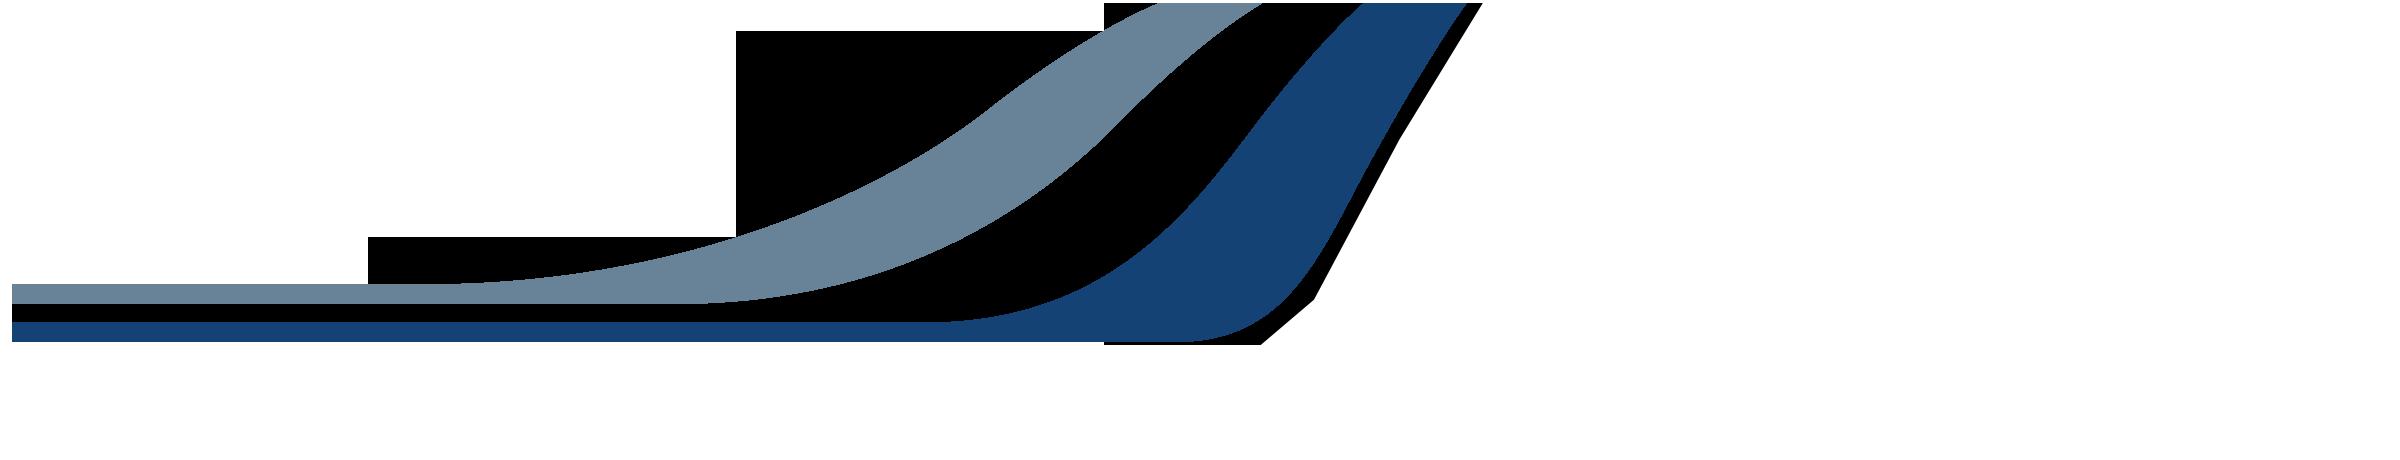 AeroSpace.NRW logo